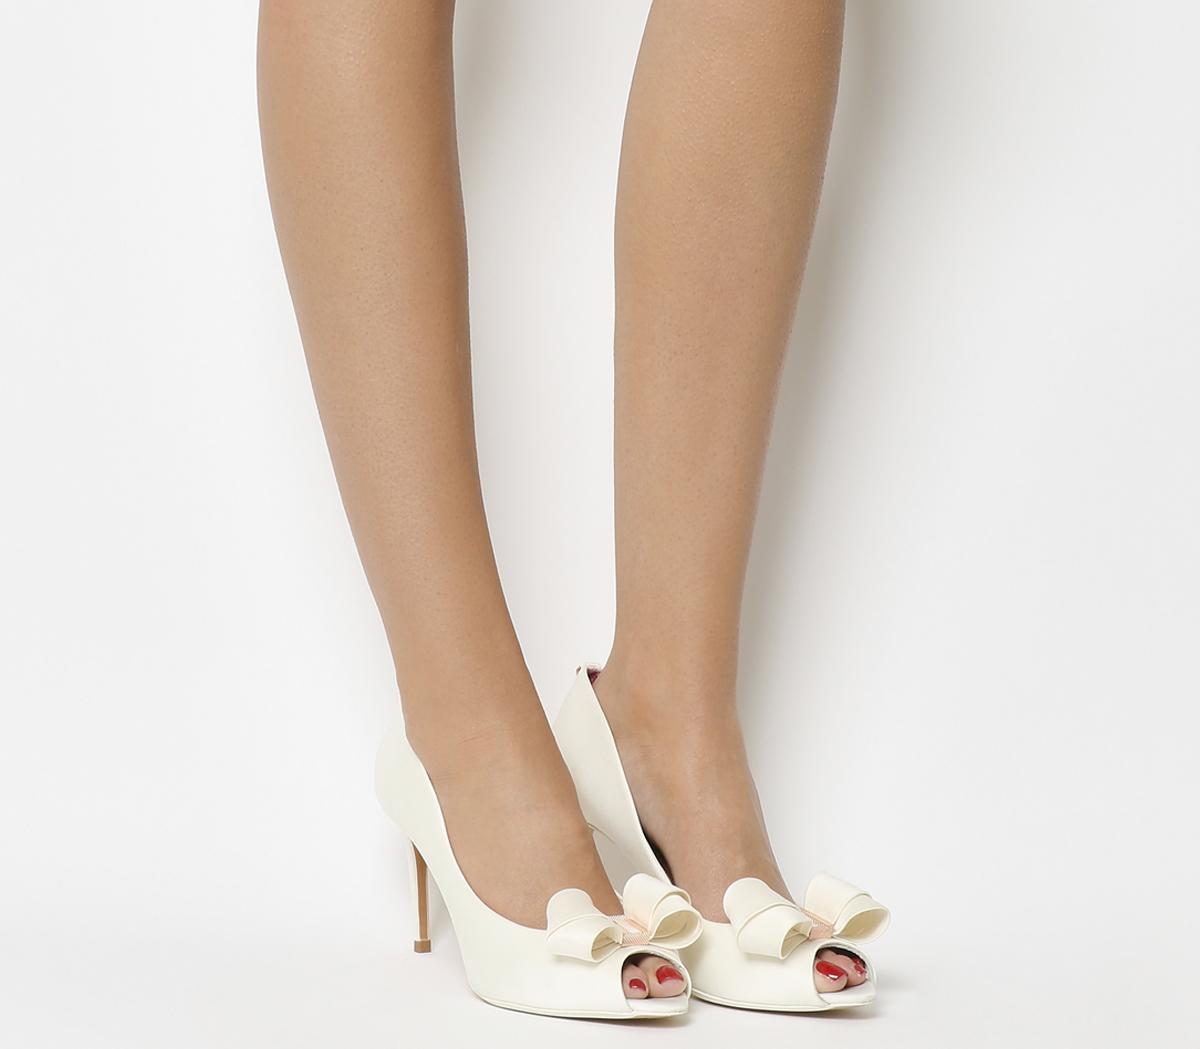 Vylett Peep Toe Heels